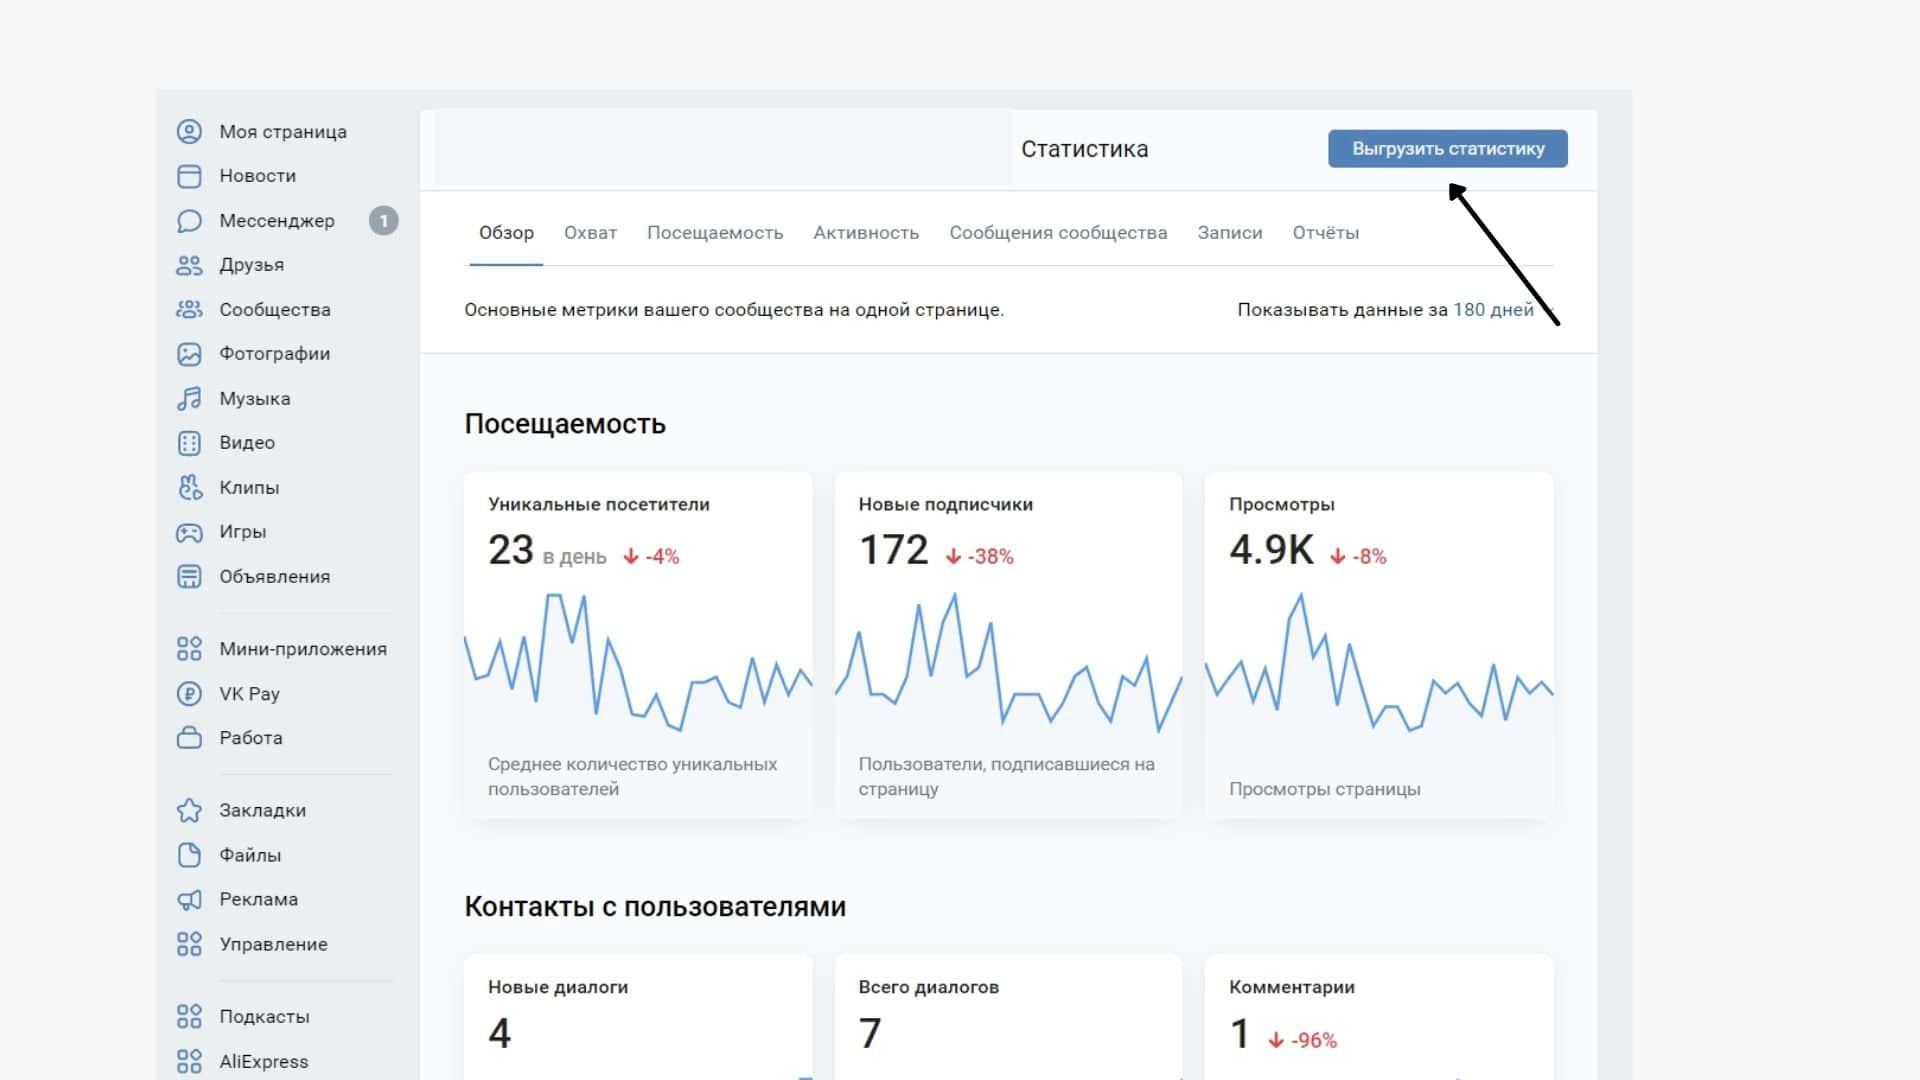 Как скачать статистику сообщества во ВКонтакте